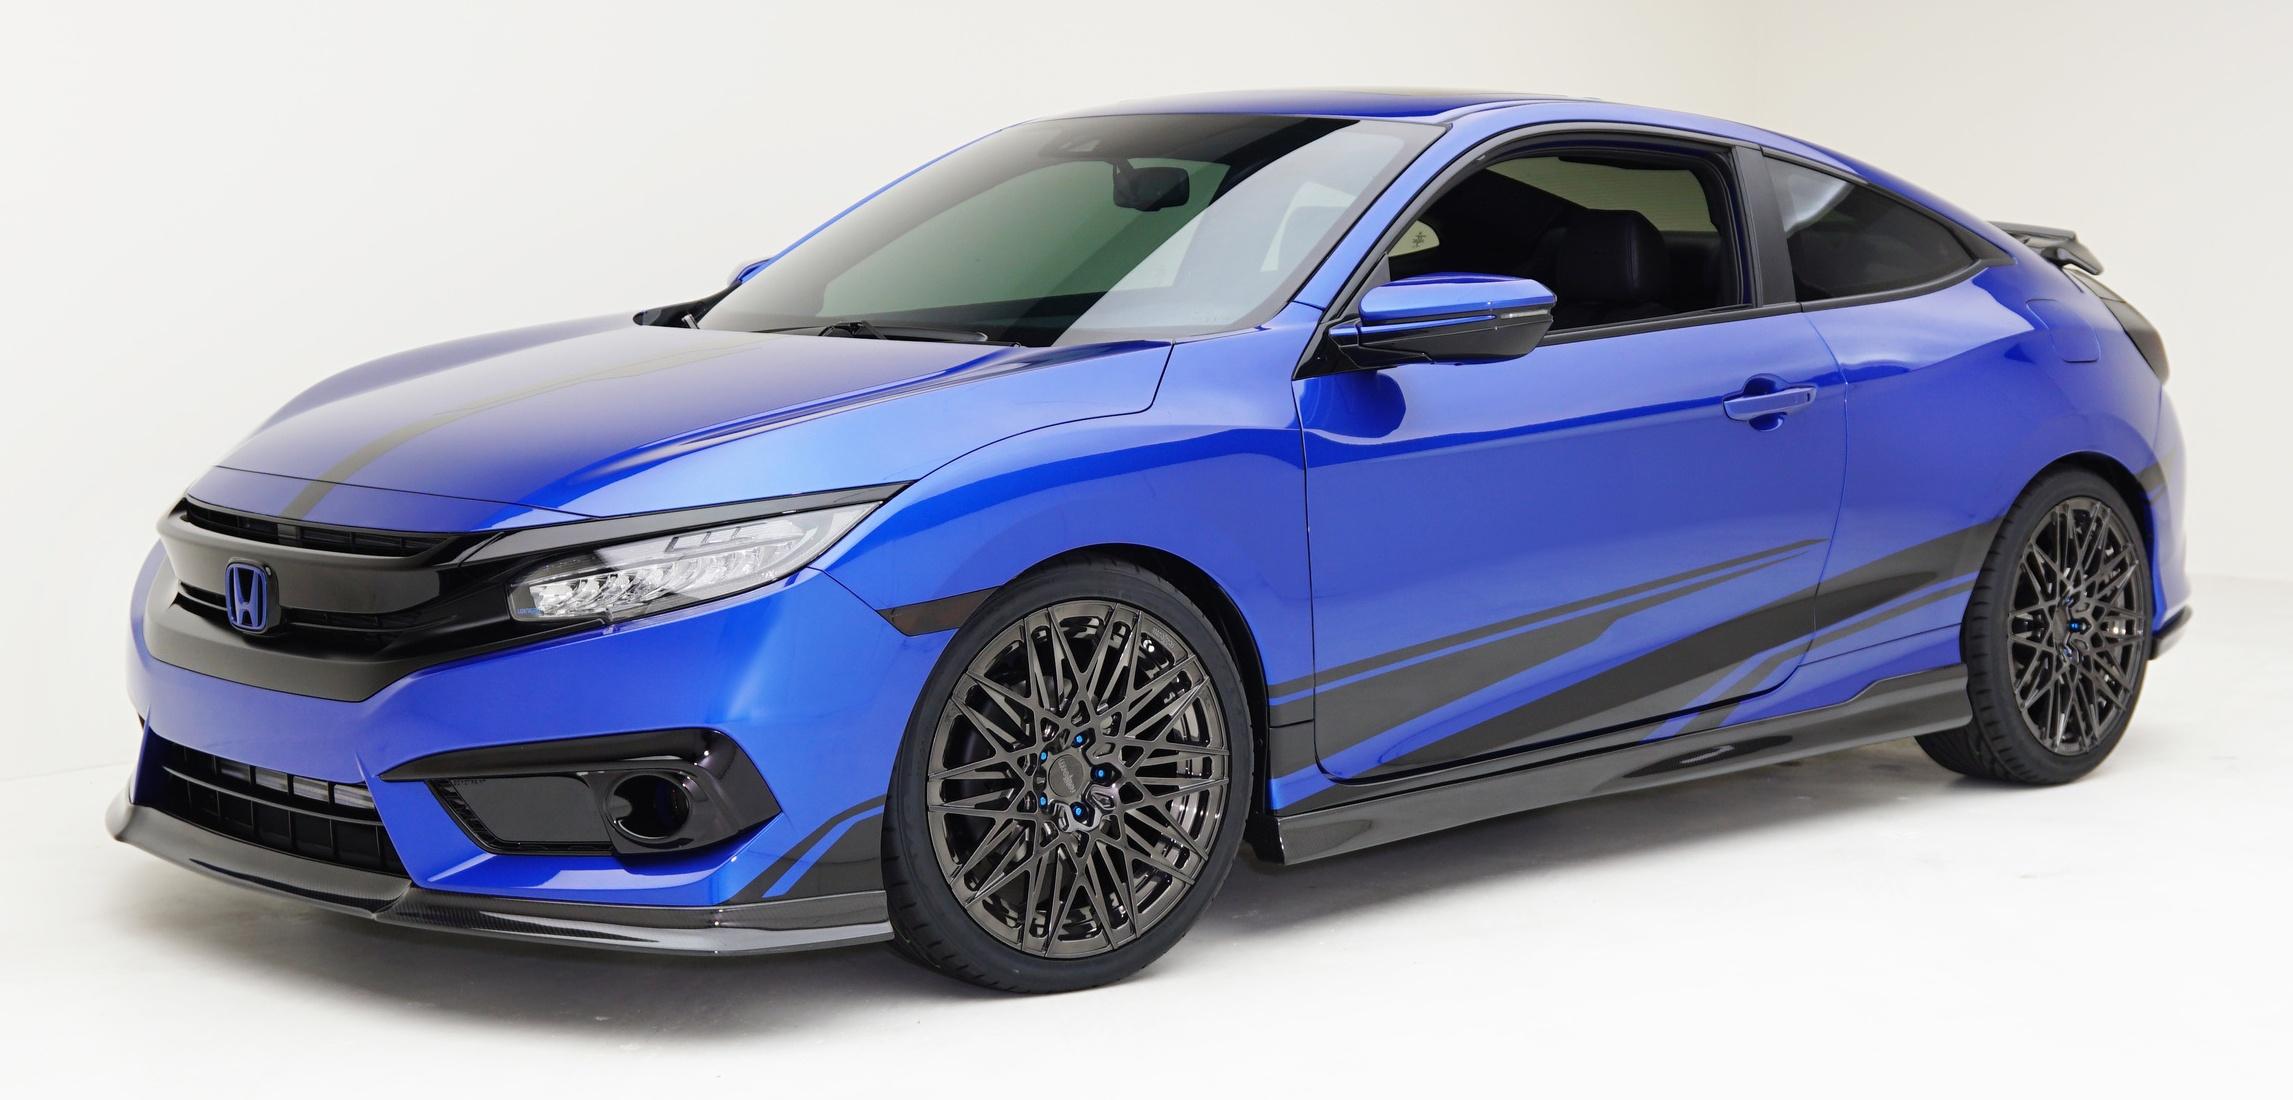 Honda Civic Dengan Modifikasi Muncul Di SEMA Image 573465